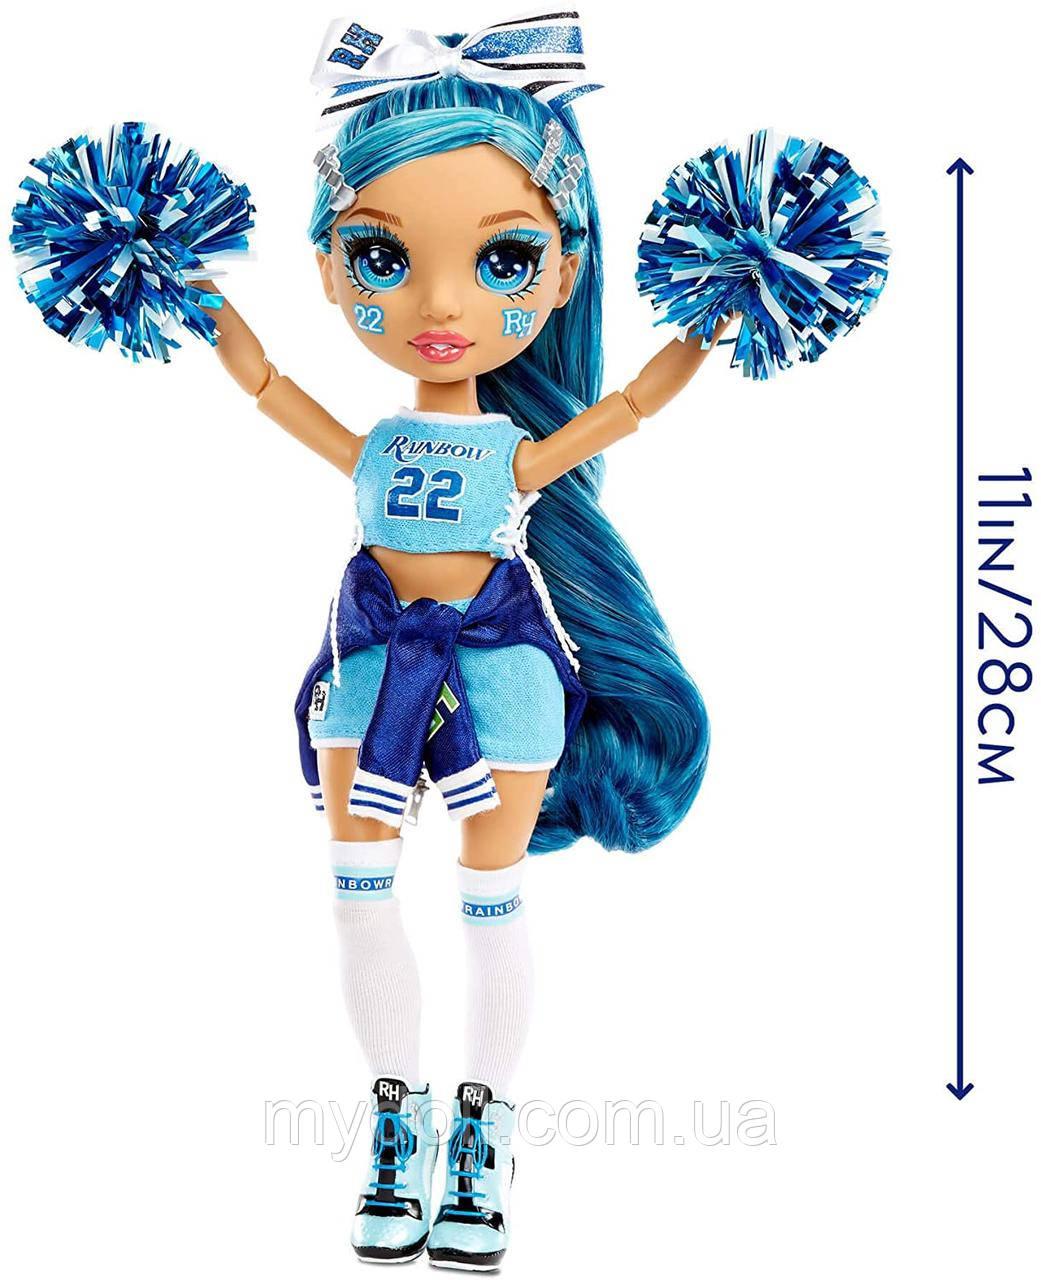 Кукла Рейнбоу Хай Скайлар Брэдшоу Чирлидер - Rainbow High Cheer Skyler Bradshaw Blue Cheerleader 572077